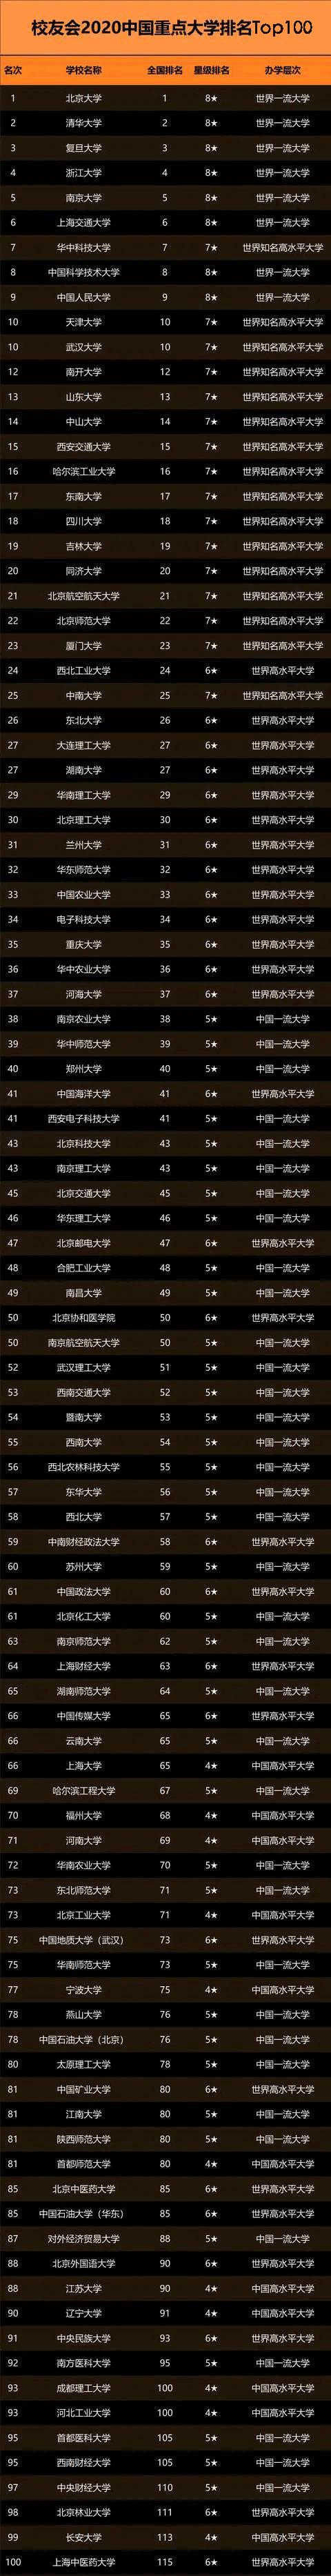 2020年中国重点大学排名前100名发布 看看有没有你的目标?